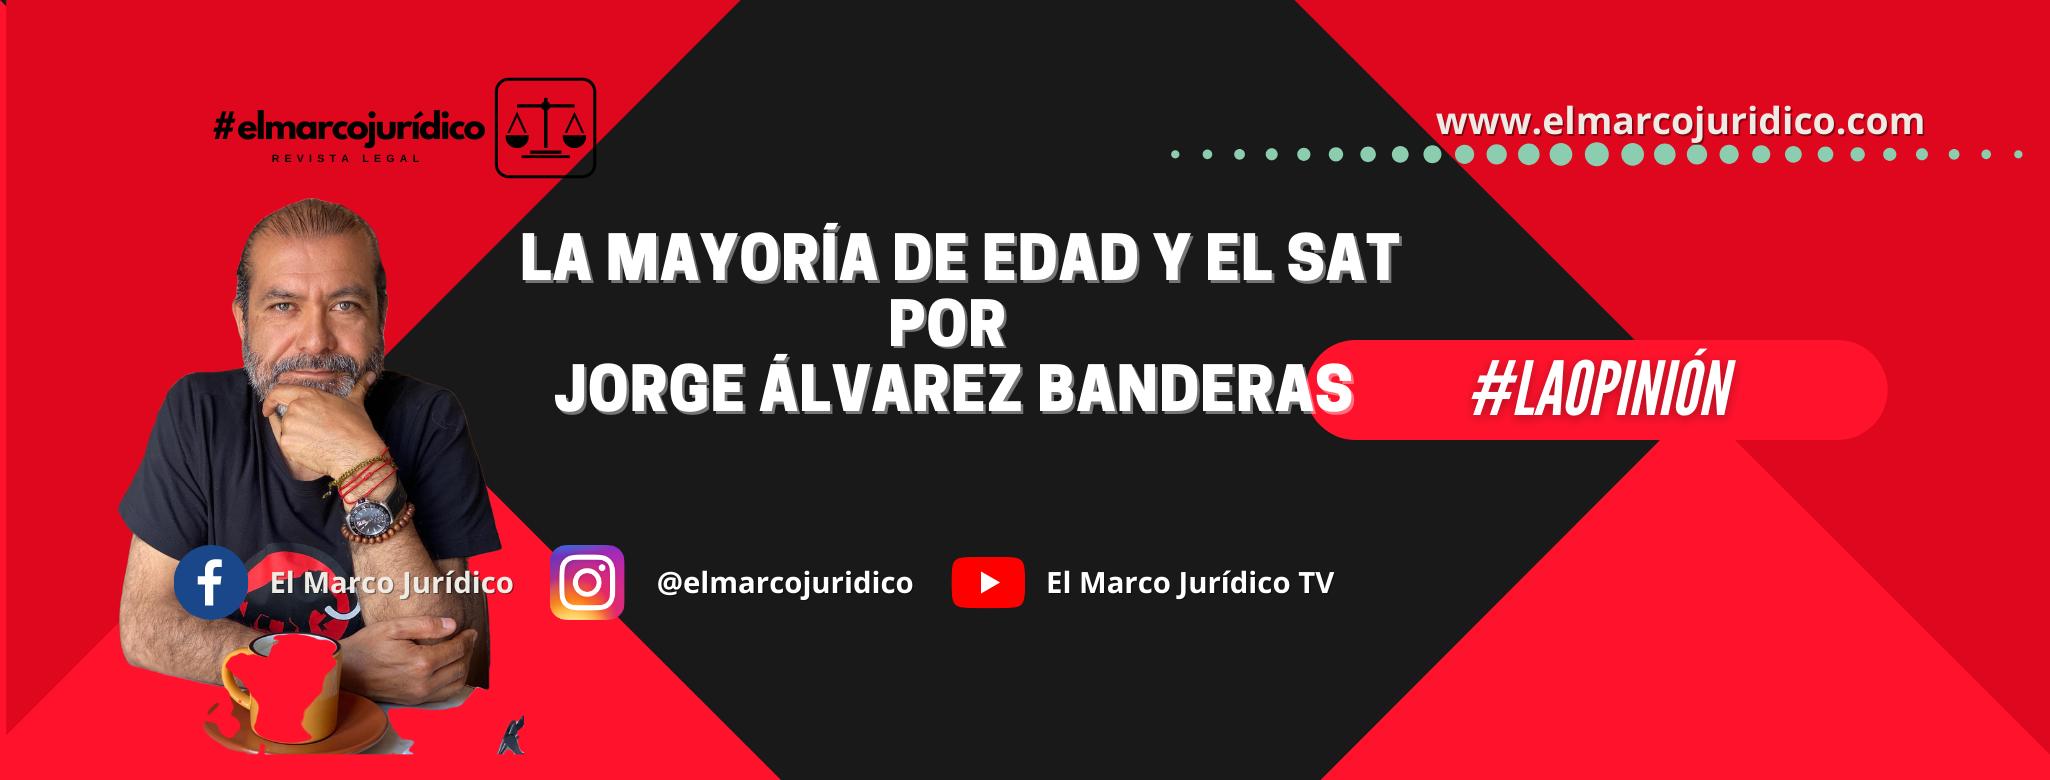 LA MAYORÍA DE EDAD Y EL SAT